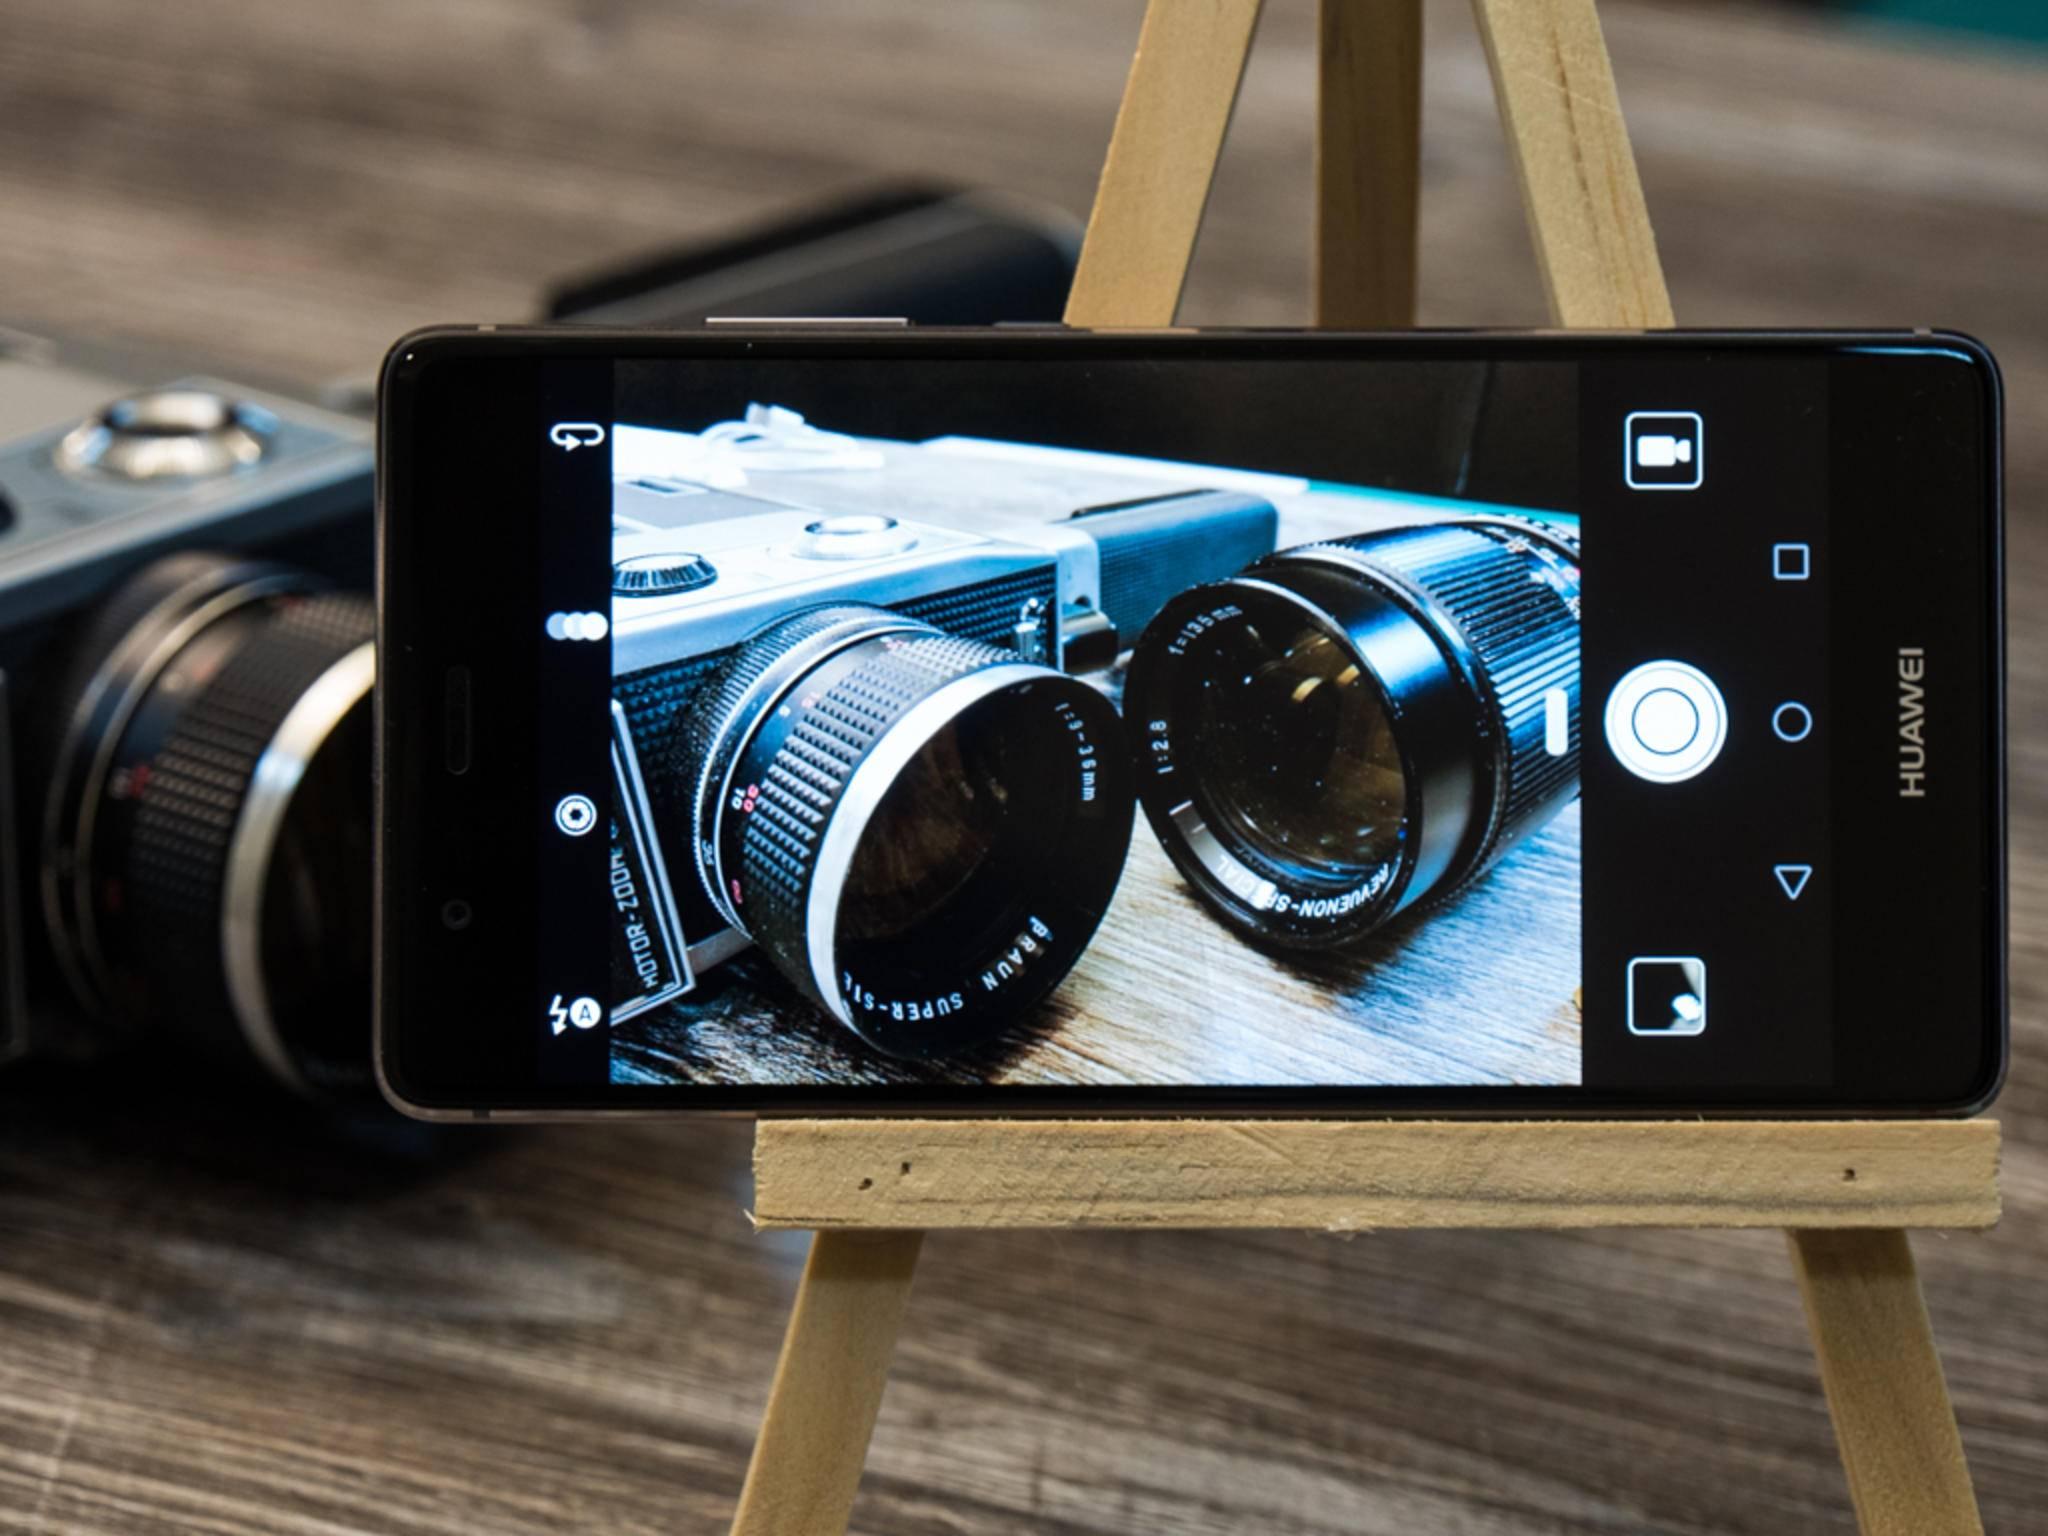 Das Huawei P9 kann mit seiner Kamera beeindrucken.